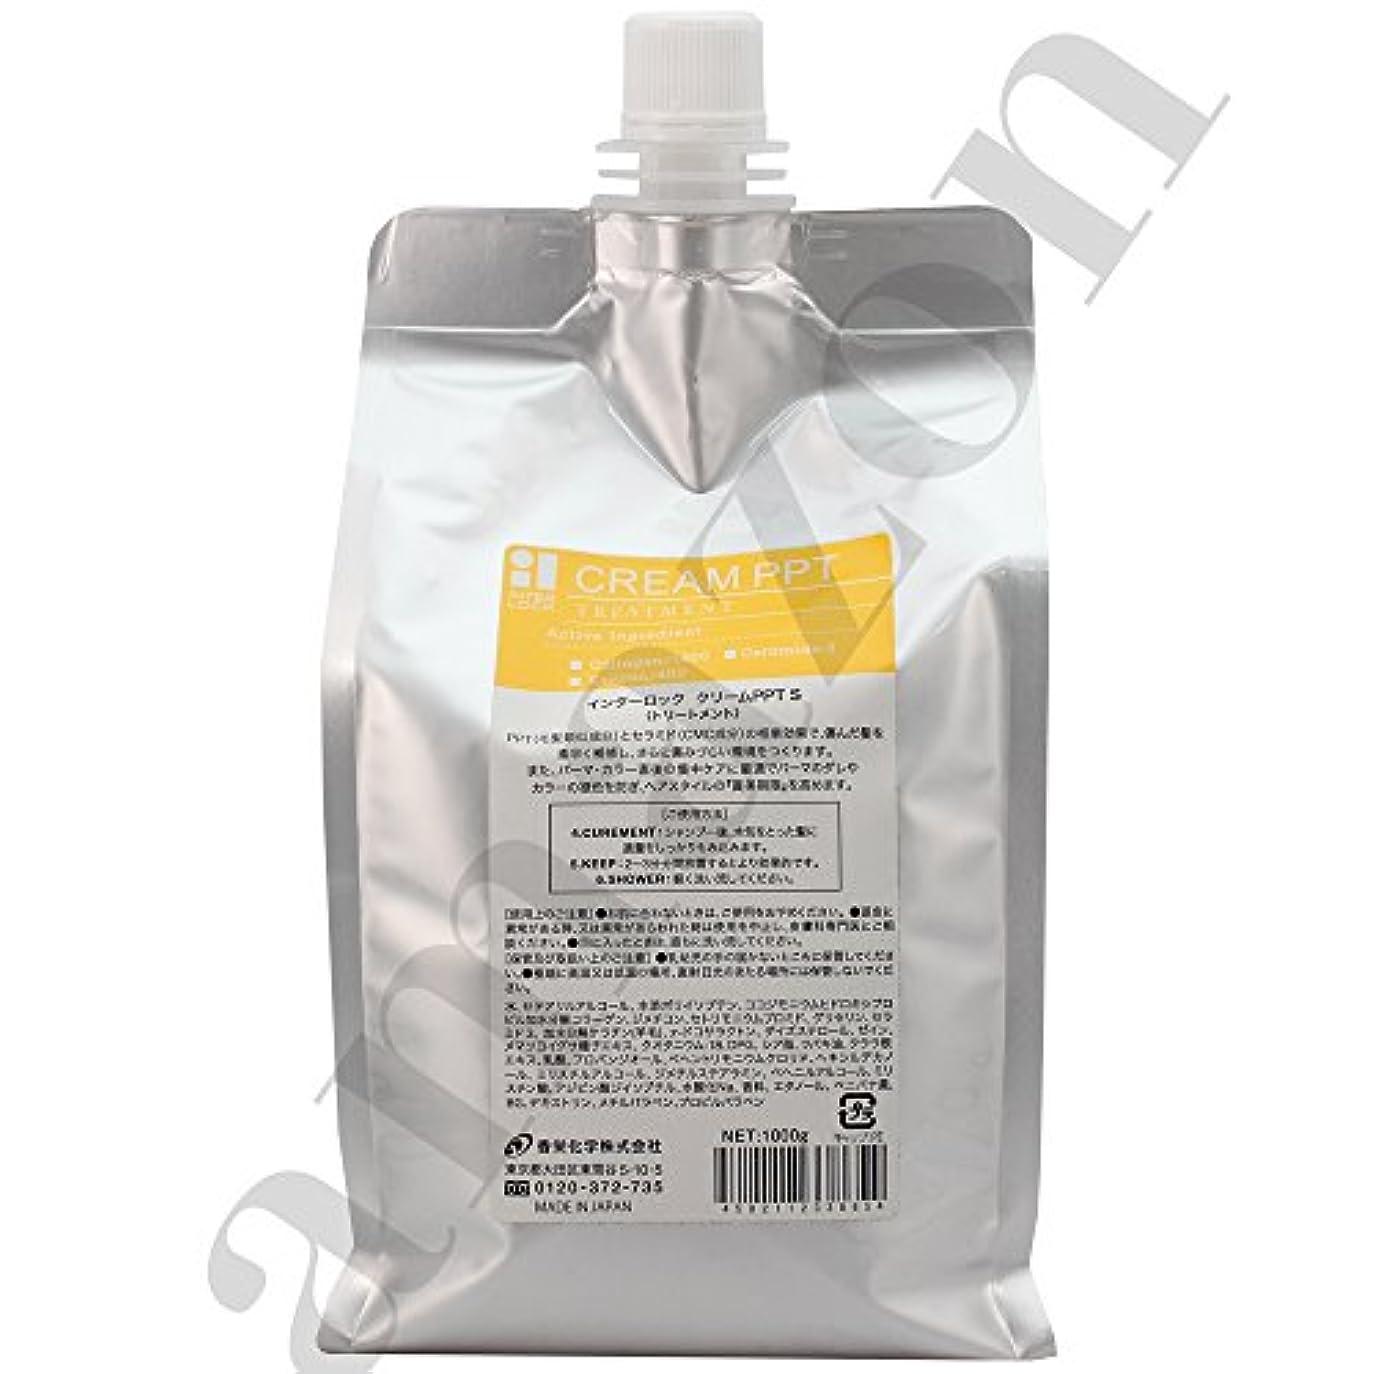 コンパクト平方商標香栄化学 インターロック クリームPPT S レフィル 1000g